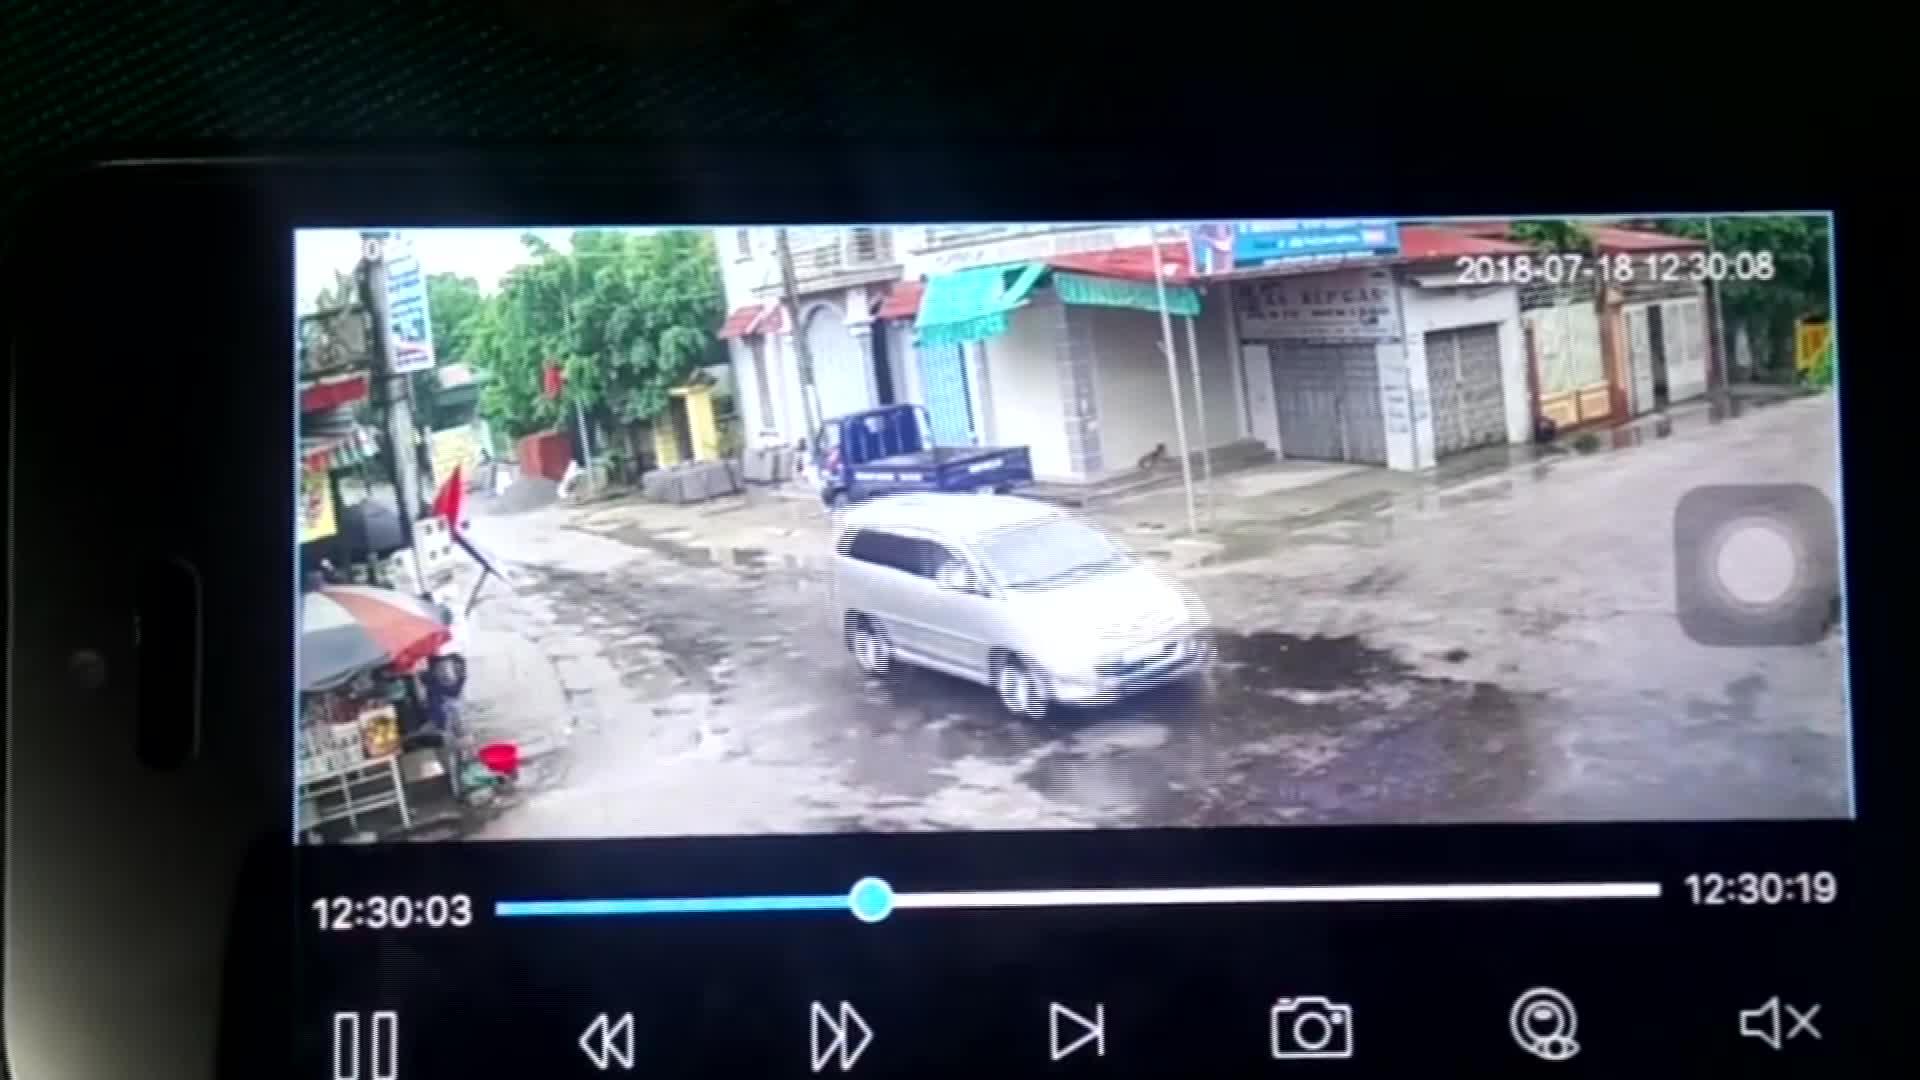 Hình ảnh vụ tai nạn ở ngã tư đường